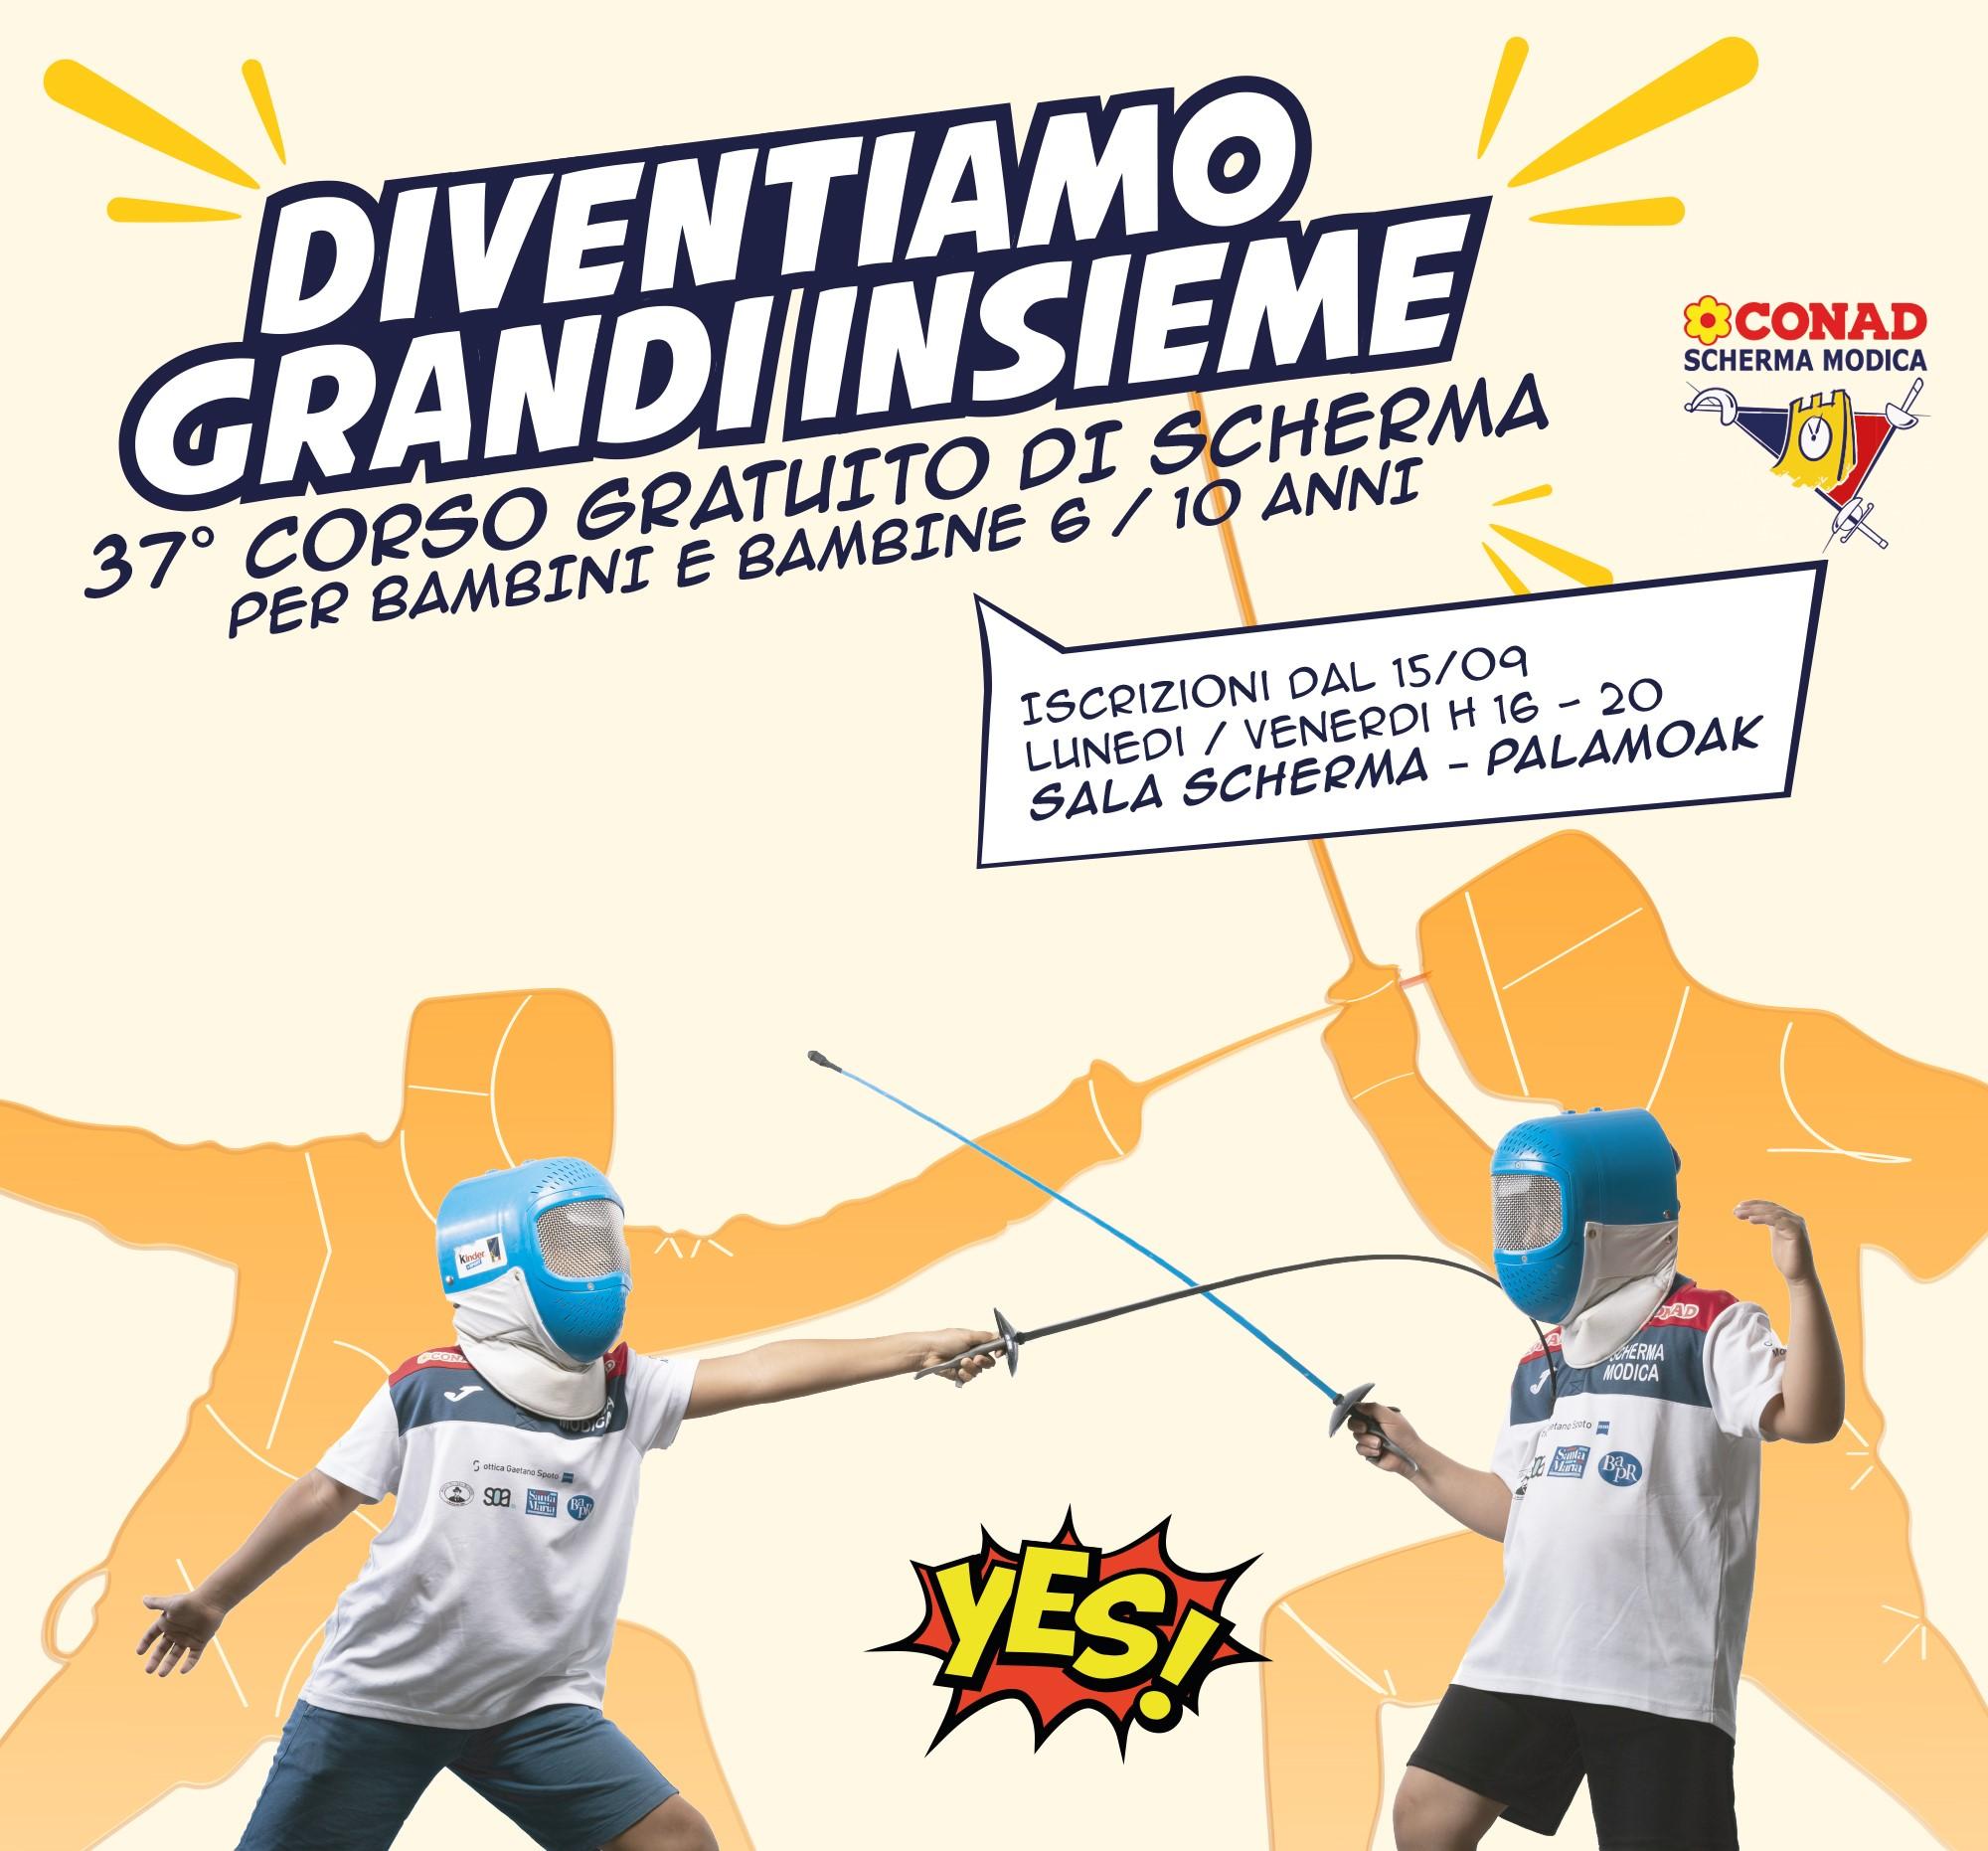 """Scherma Modica, """"Diventiamo Grandi Insieme"""": al via il corso scolastico gratuito"""